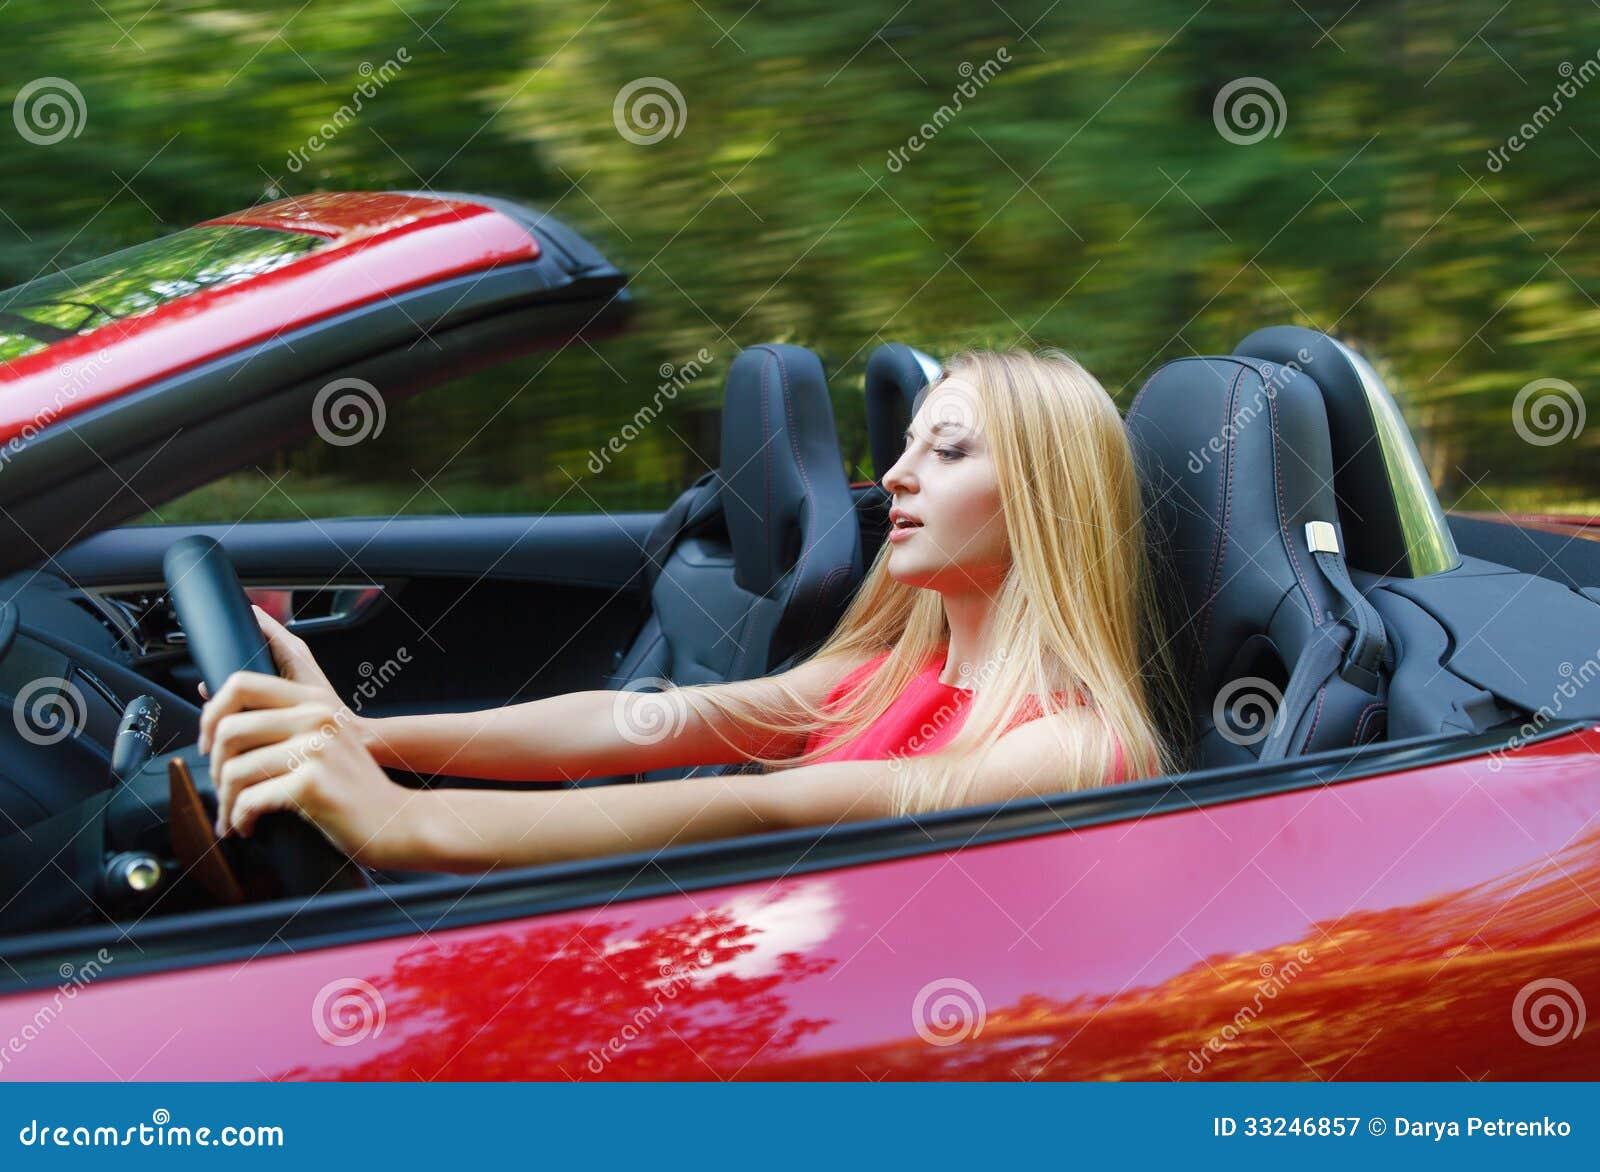 jeune femme conduisant une voiture de sport image stock image du amusement baisse 33246857. Black Bedroom Furniture Sets. Home Design Ideas